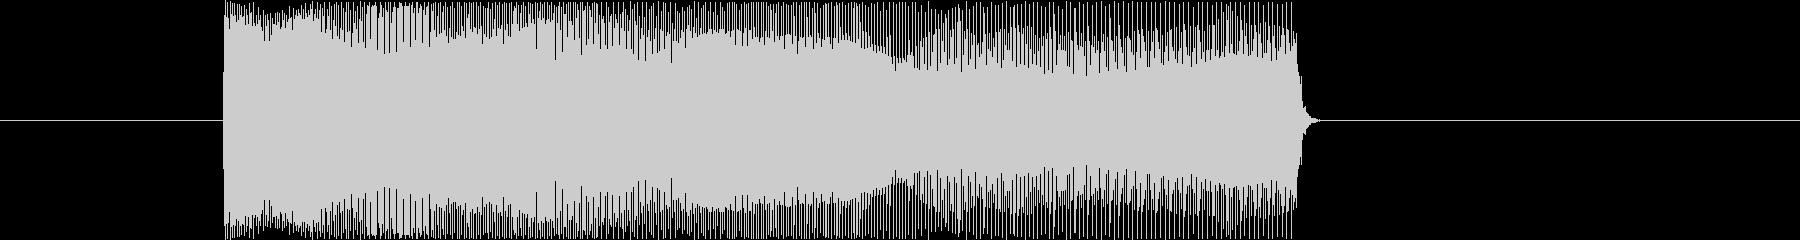 落下音、投げる、滑る、ポップなシンセ音2の未再生の波形